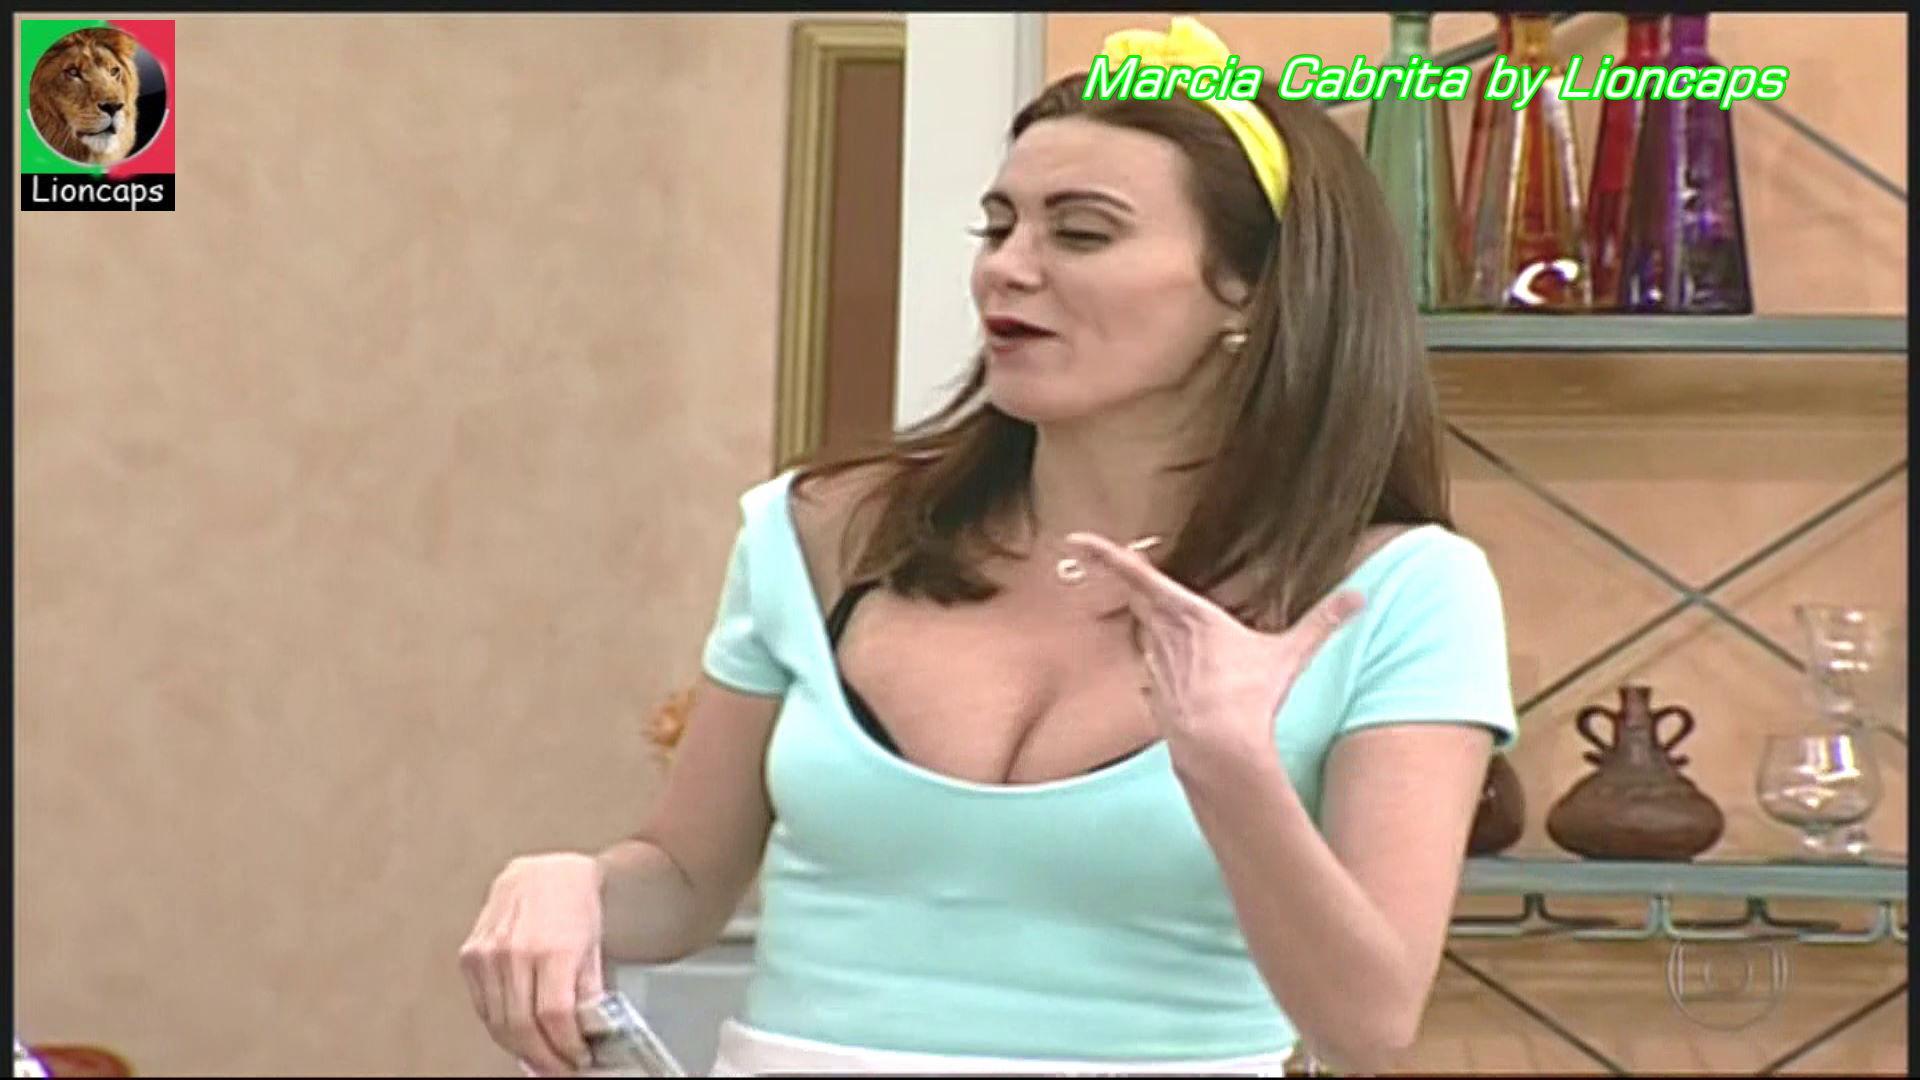 479318526_marcia_cabrita_vs180101_0175_122_445lo.JPG